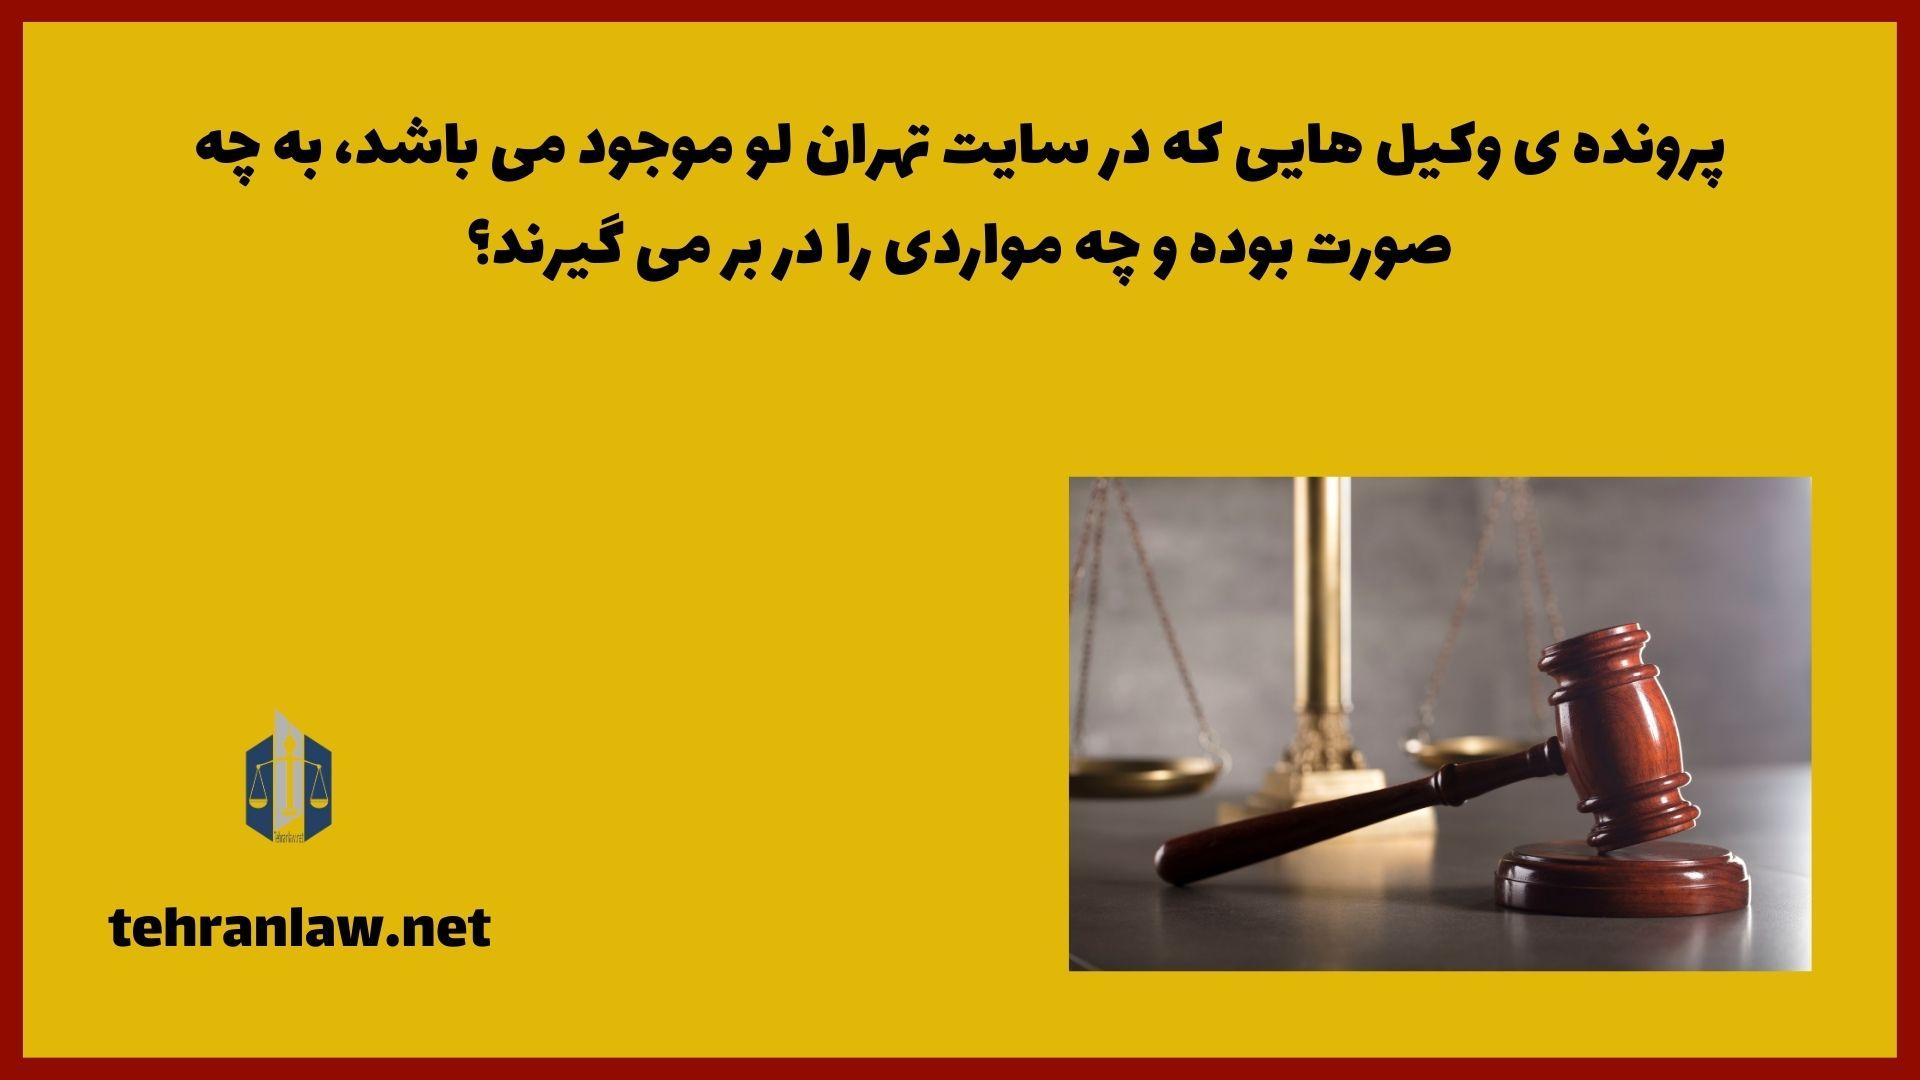 پرونده ی وکیل هایی که در سایت تهران لو موجود می باشد، به چه صورت بوده و چه مواردی را در بر می گیرند؟